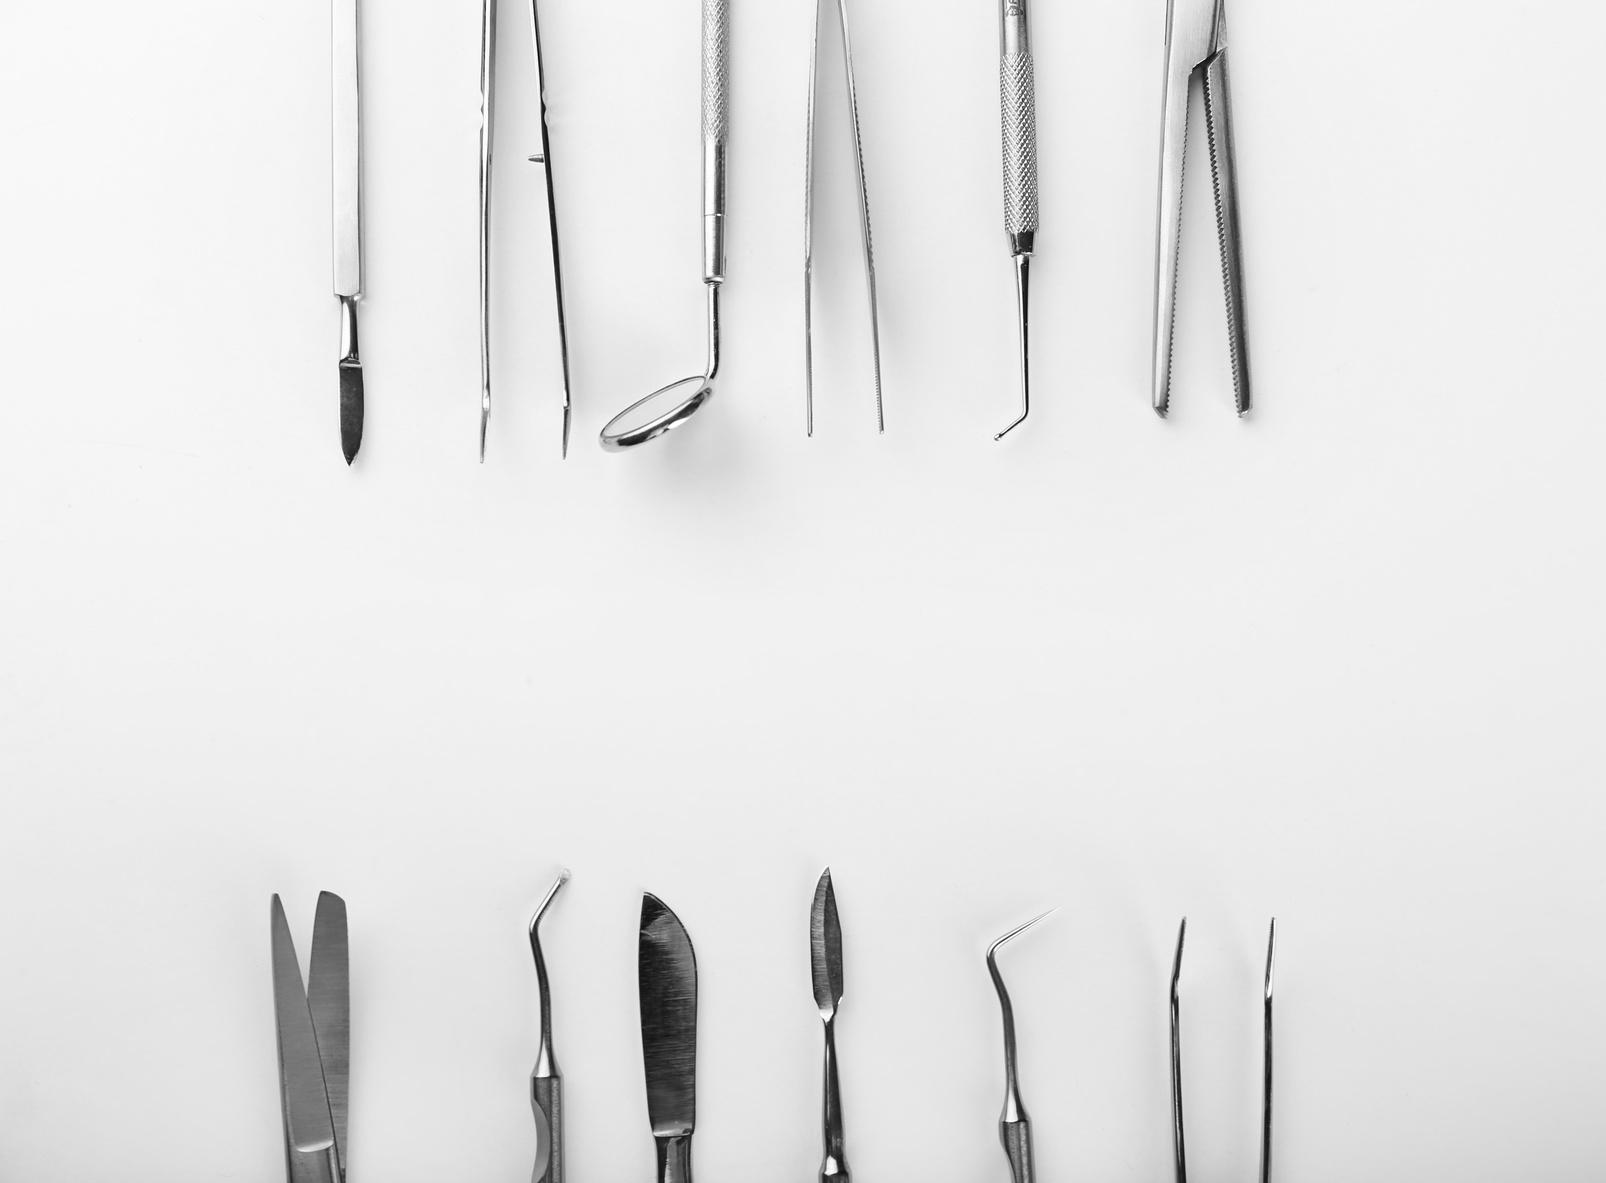 歯科の勤務の機会